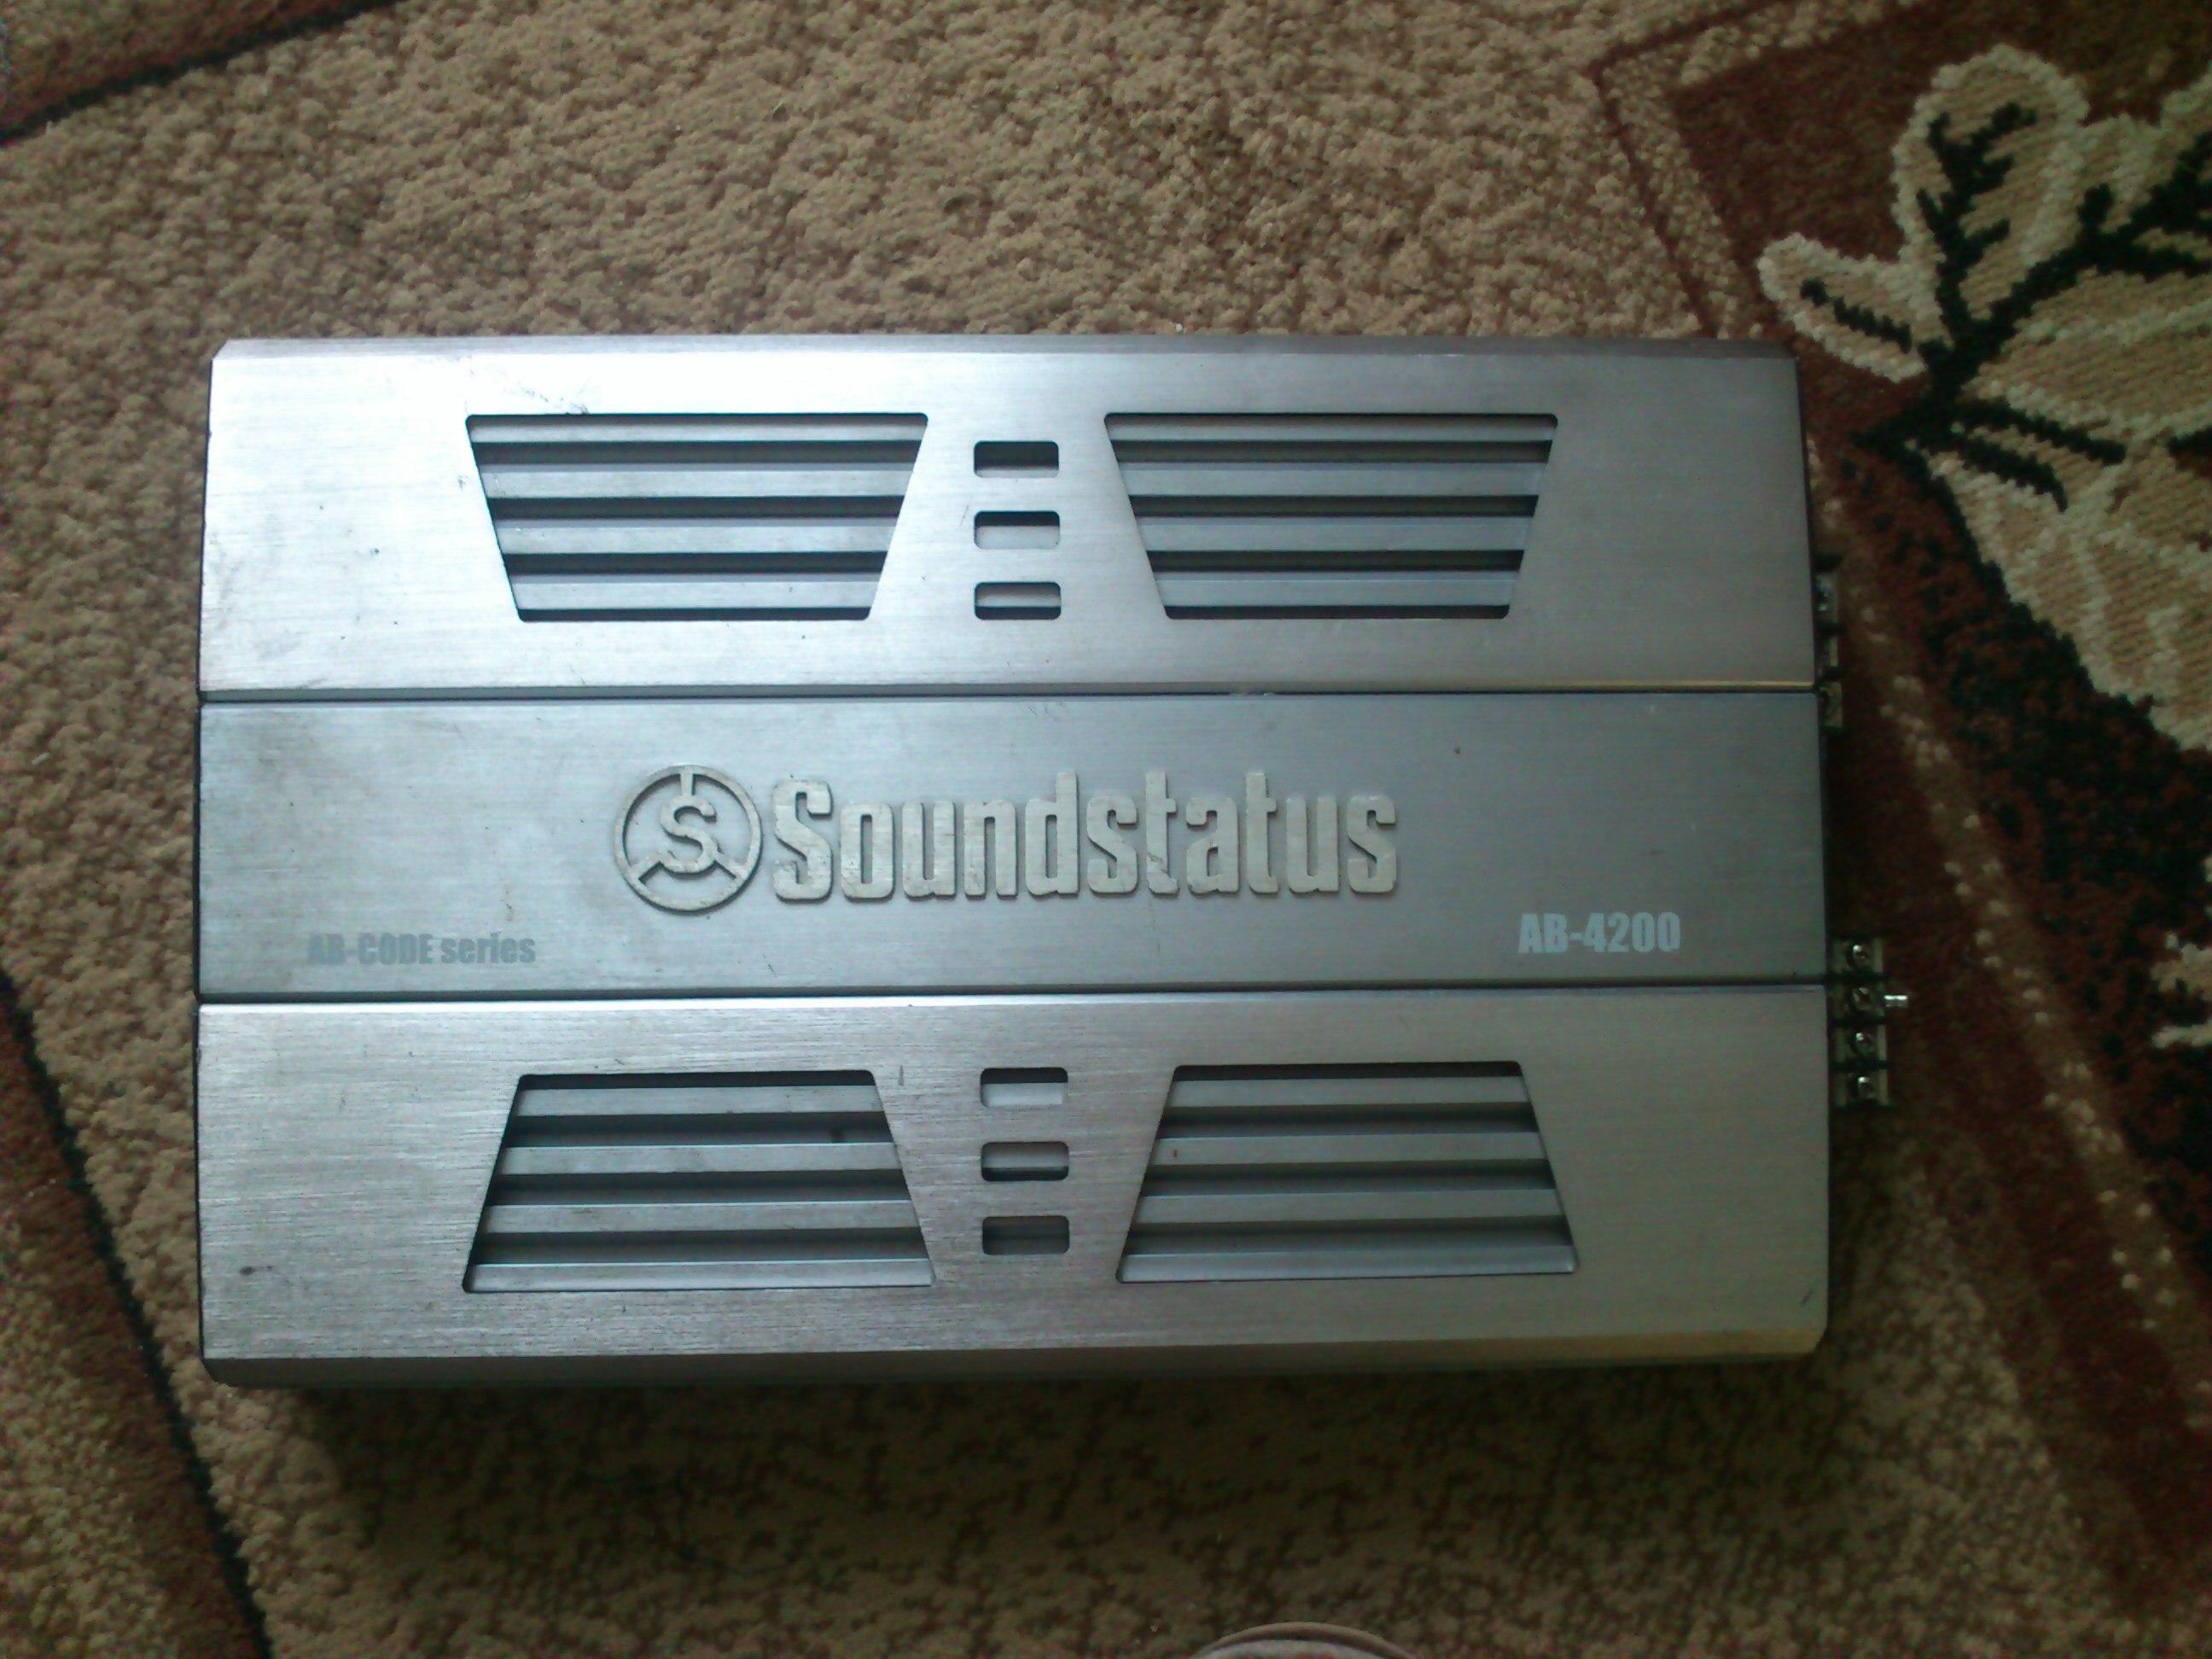 Soundstatus ab4200 - Wzmacniacz sie nie w��cza